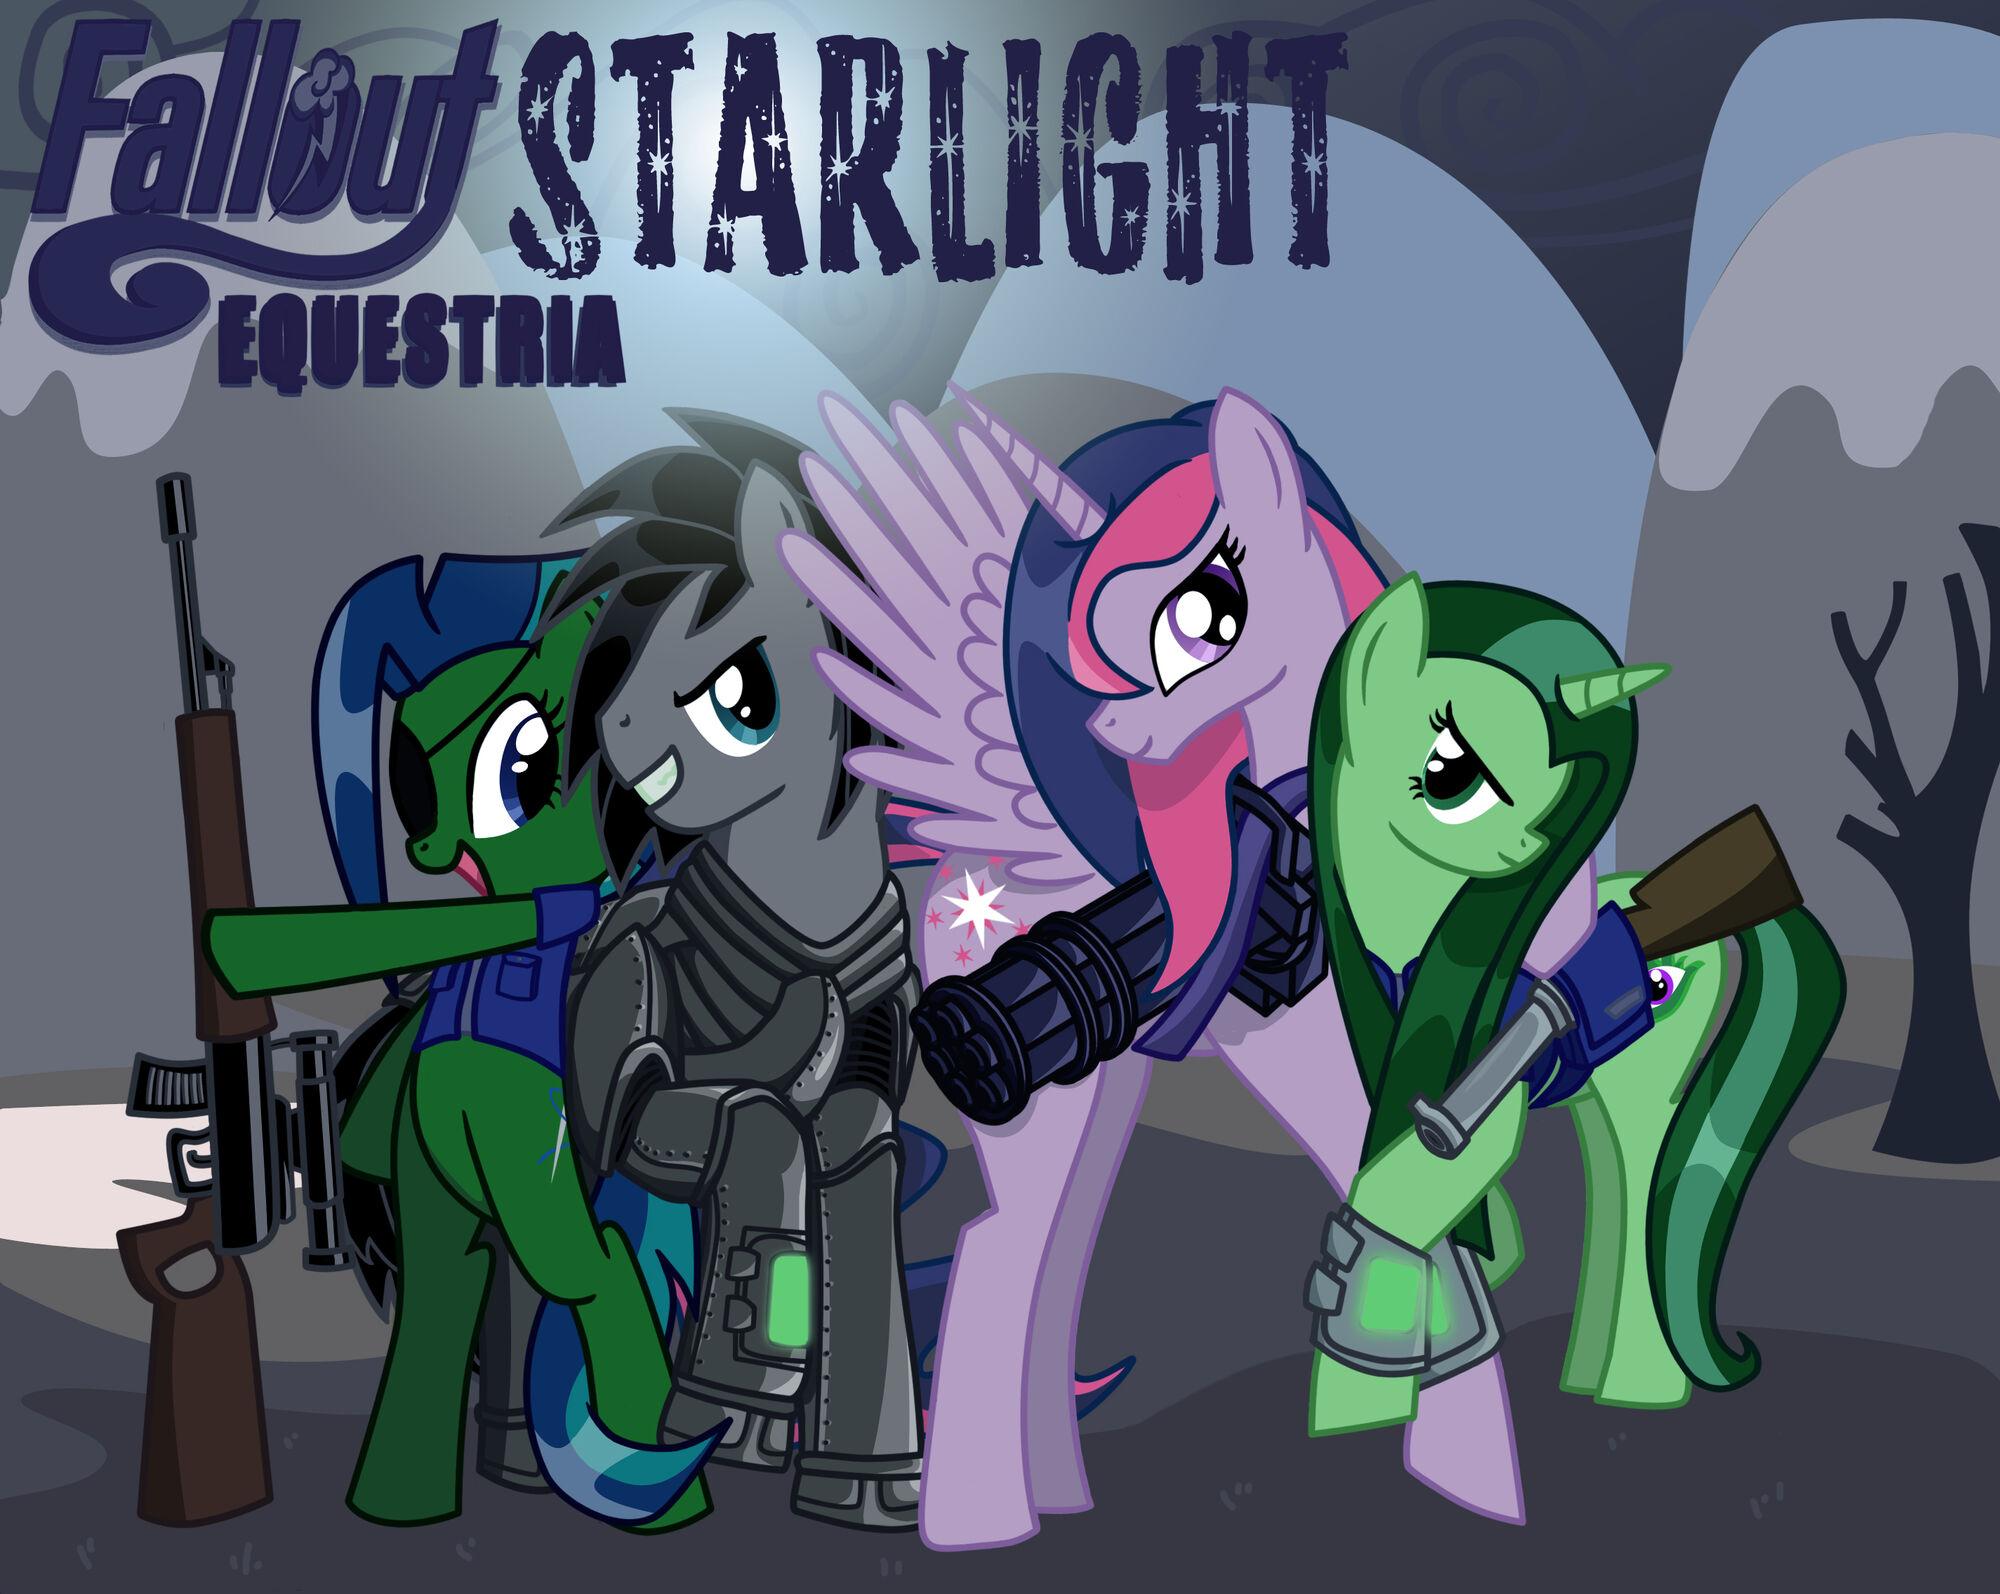 Fallout Equestria Starlight Fallout Equestria Wiki